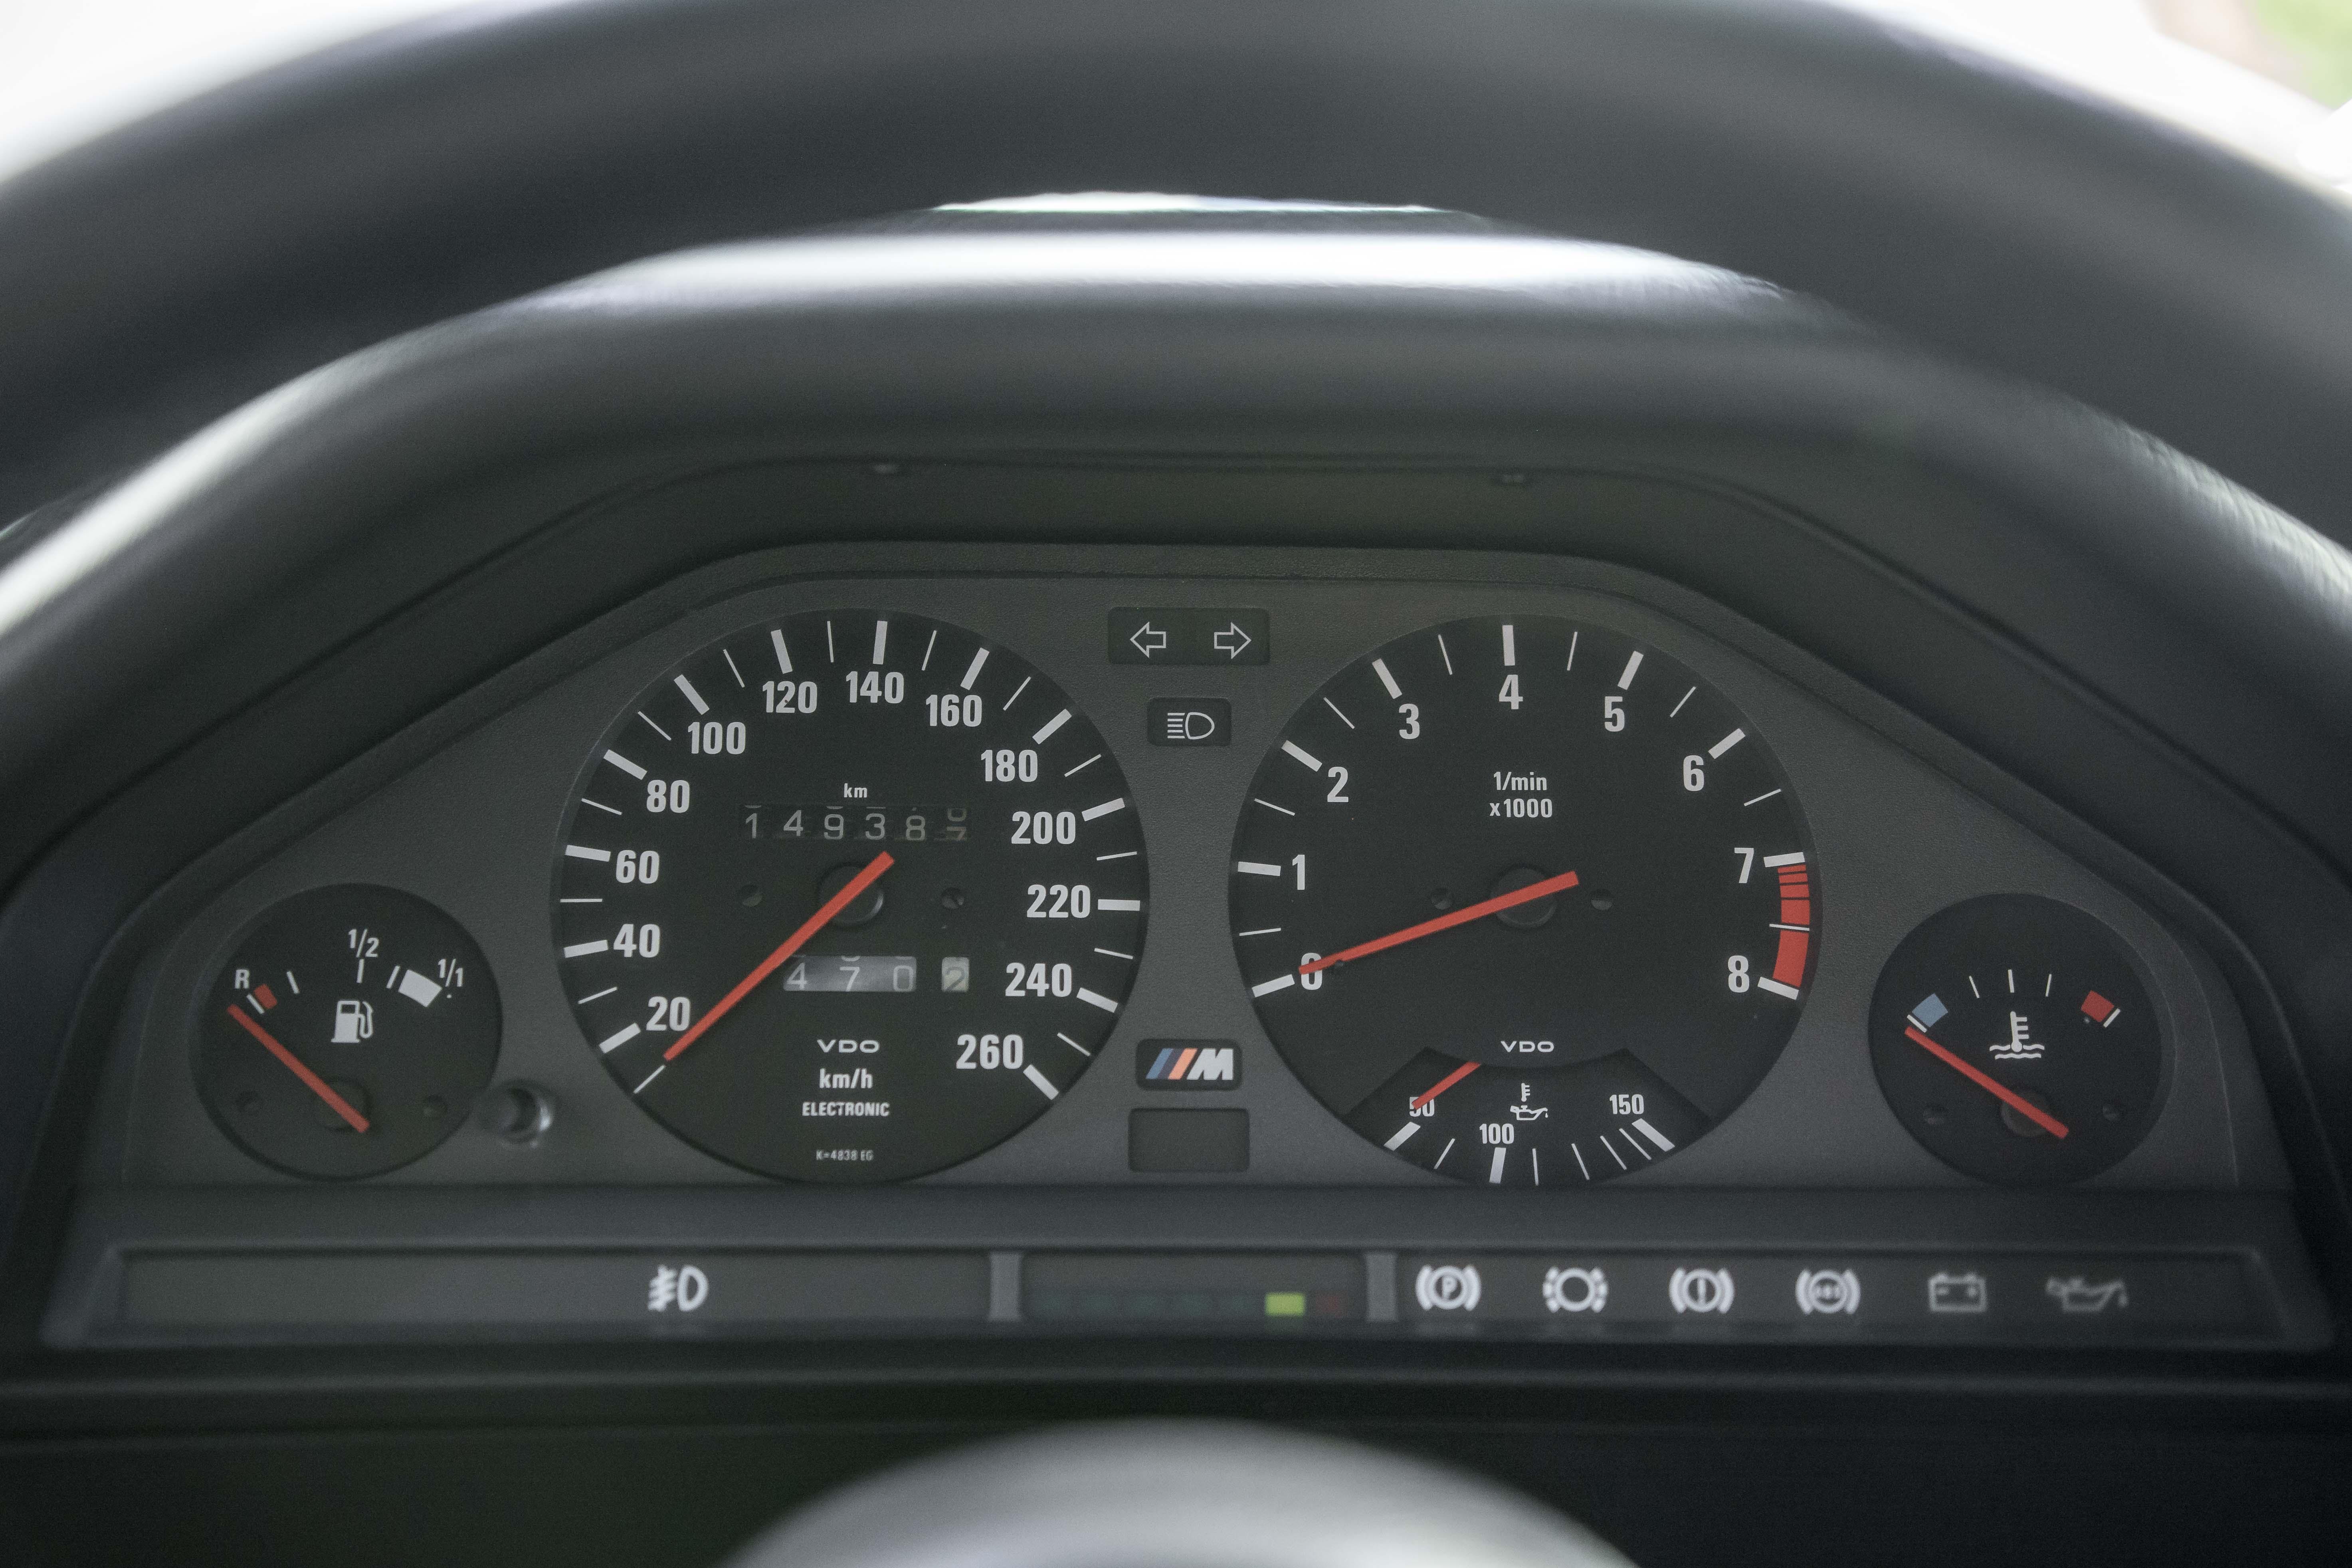 BMW E30 M3 Evolution II | FS Automóveis